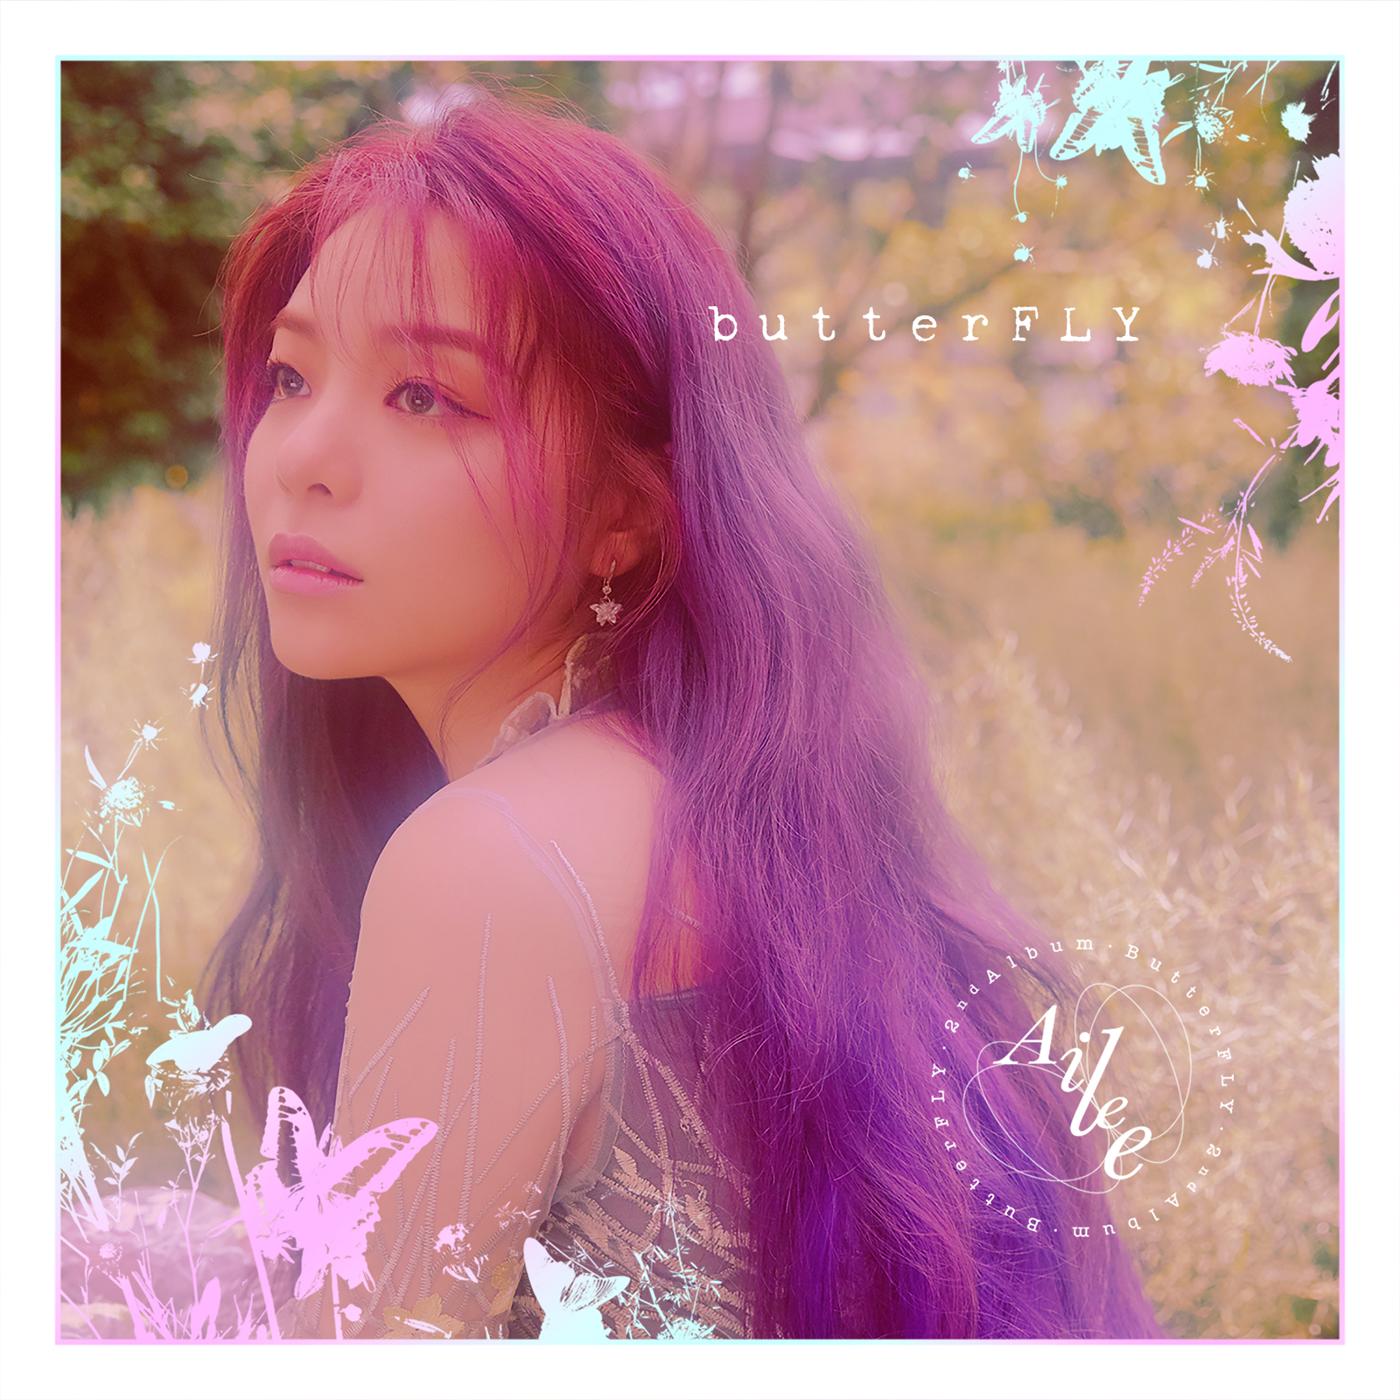 Butterfly (Ailee)